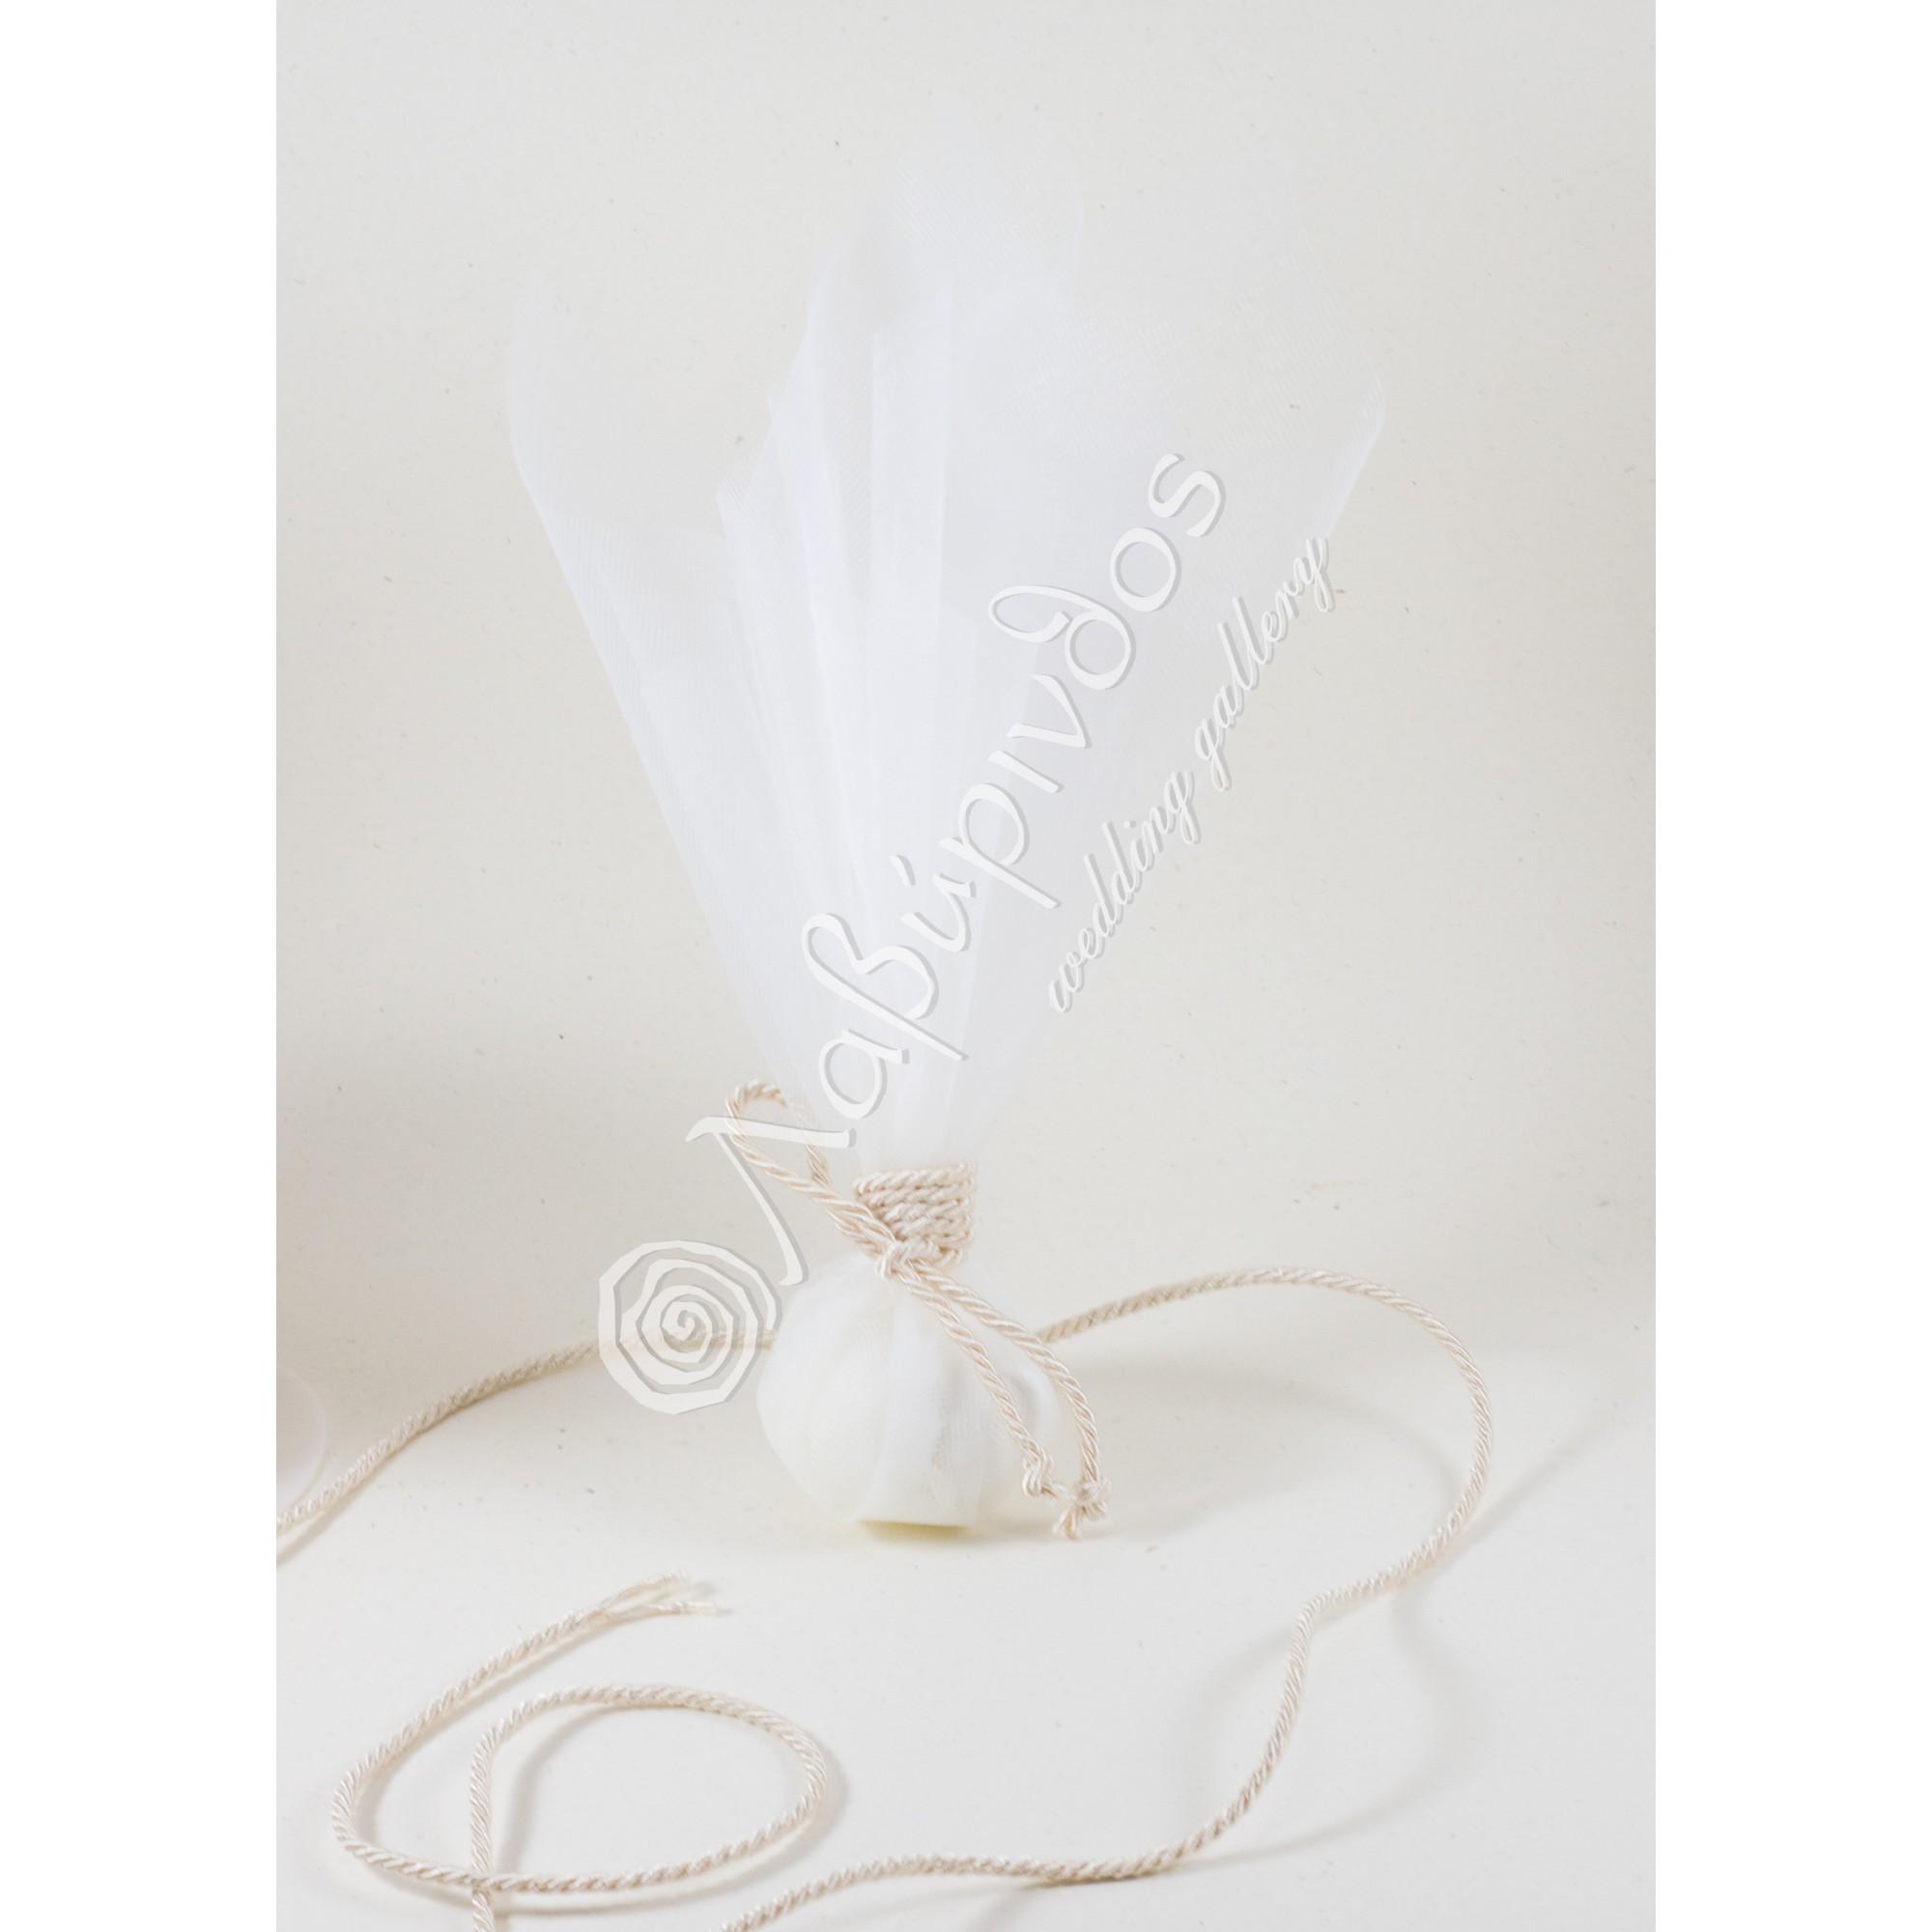 Μπομπονιέρα Γάμου ιβουάρ με τρίκλωνο κορδόνι - LWG-11280